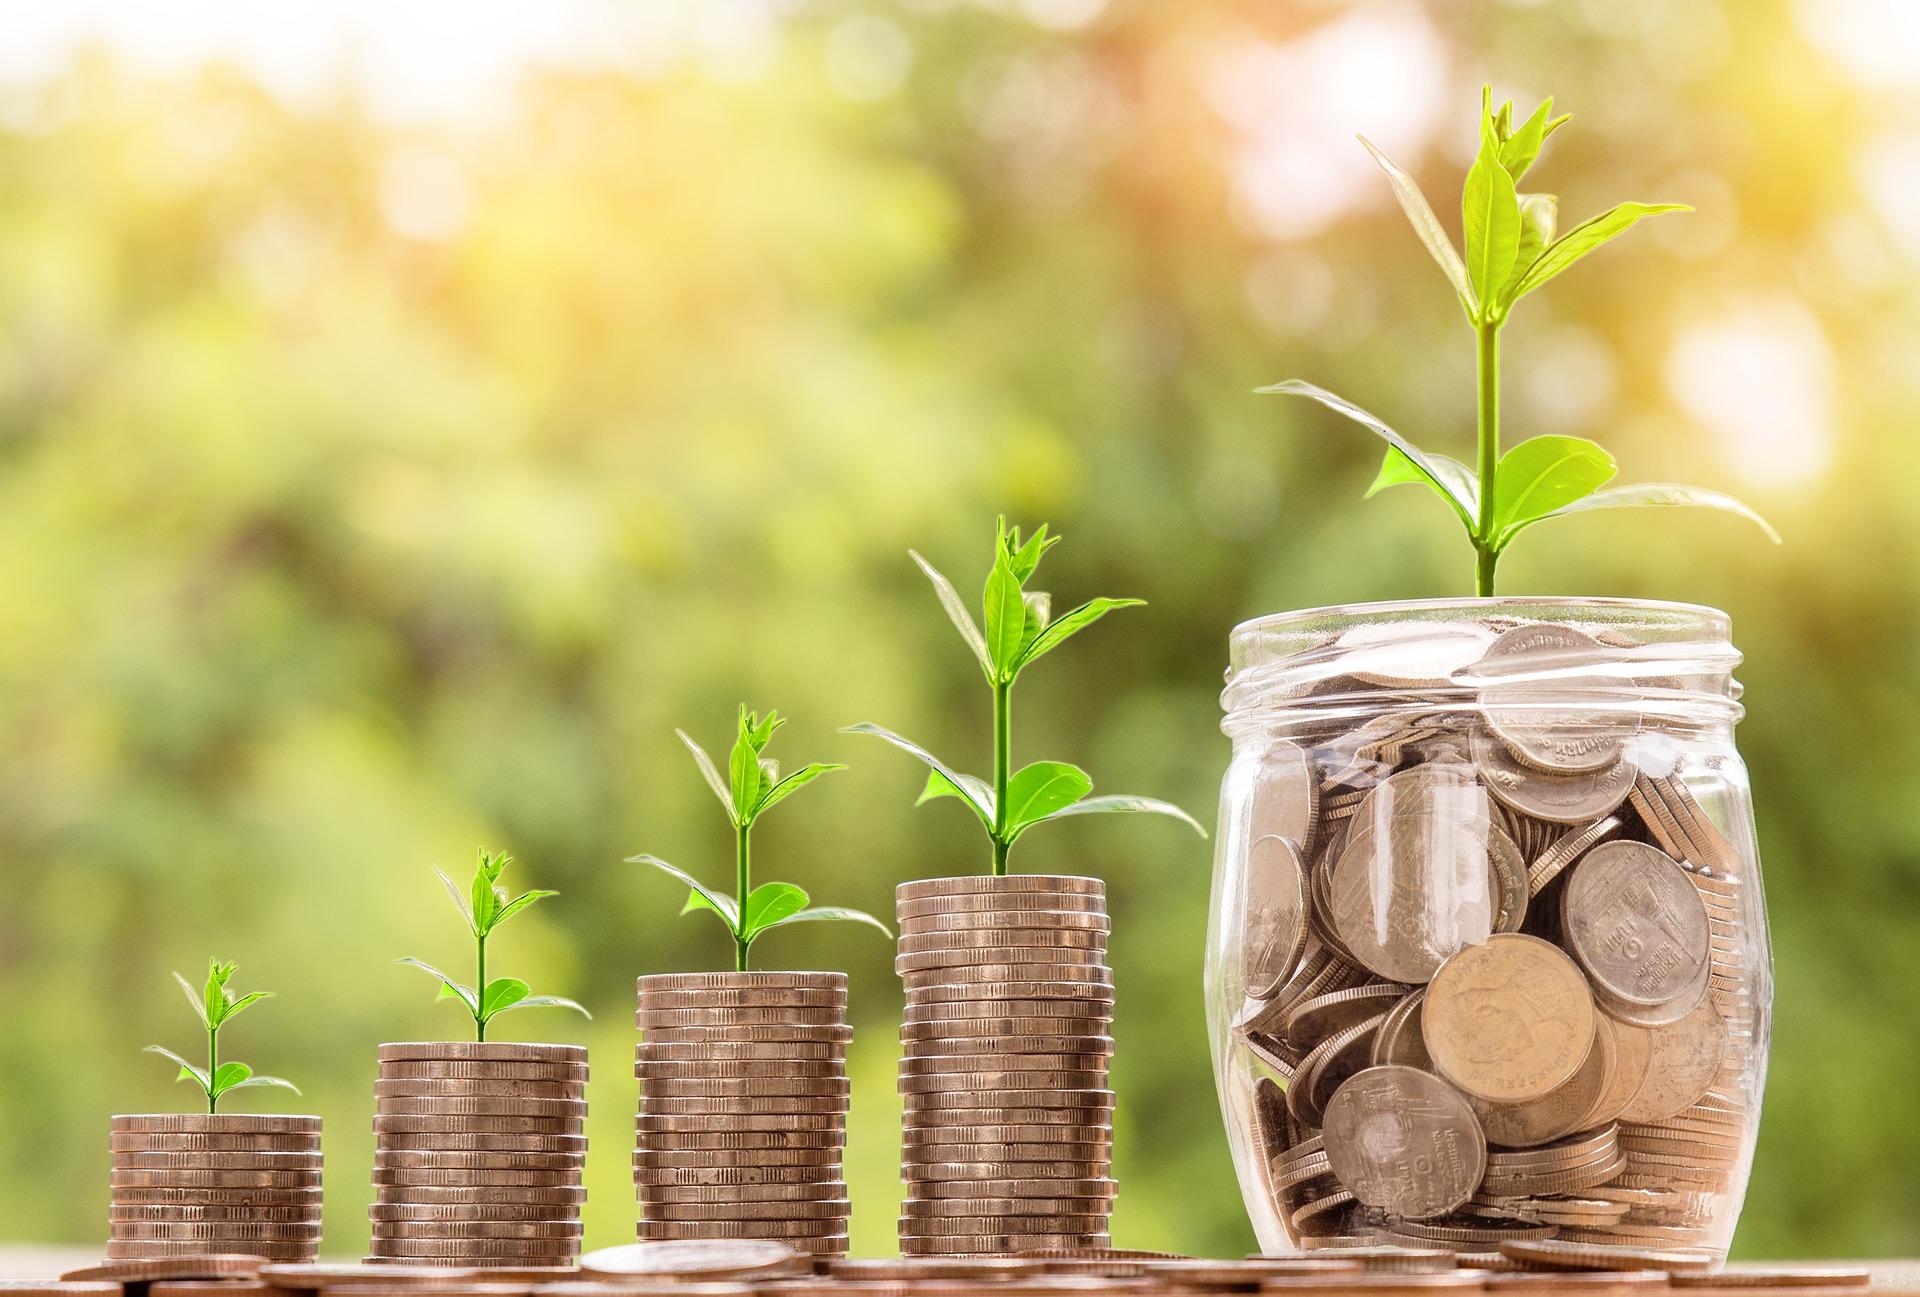 Recomendaciones para generar ingresos extra de forma exitosa